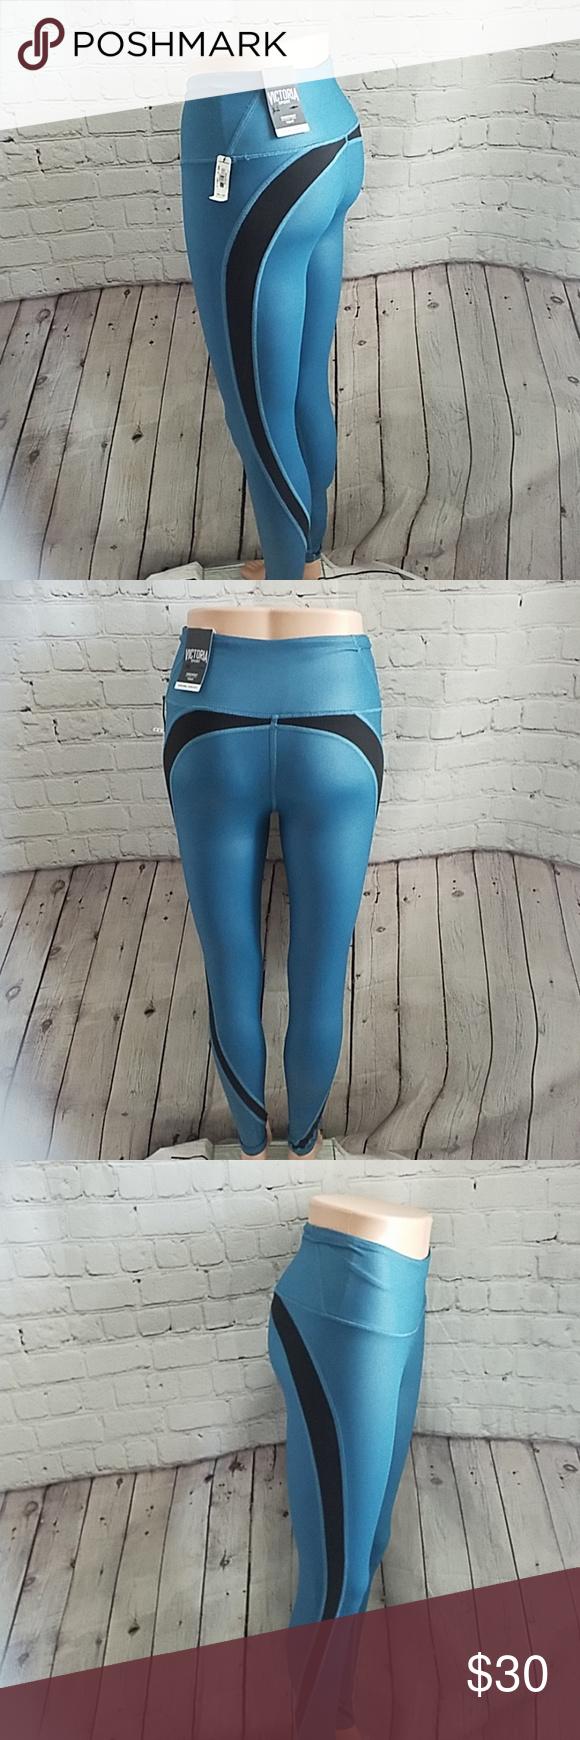 b52cb0d25c1c50 NWT Victoria's Secret Sport Knock out leggings X-S Victoria's Secret sport  knockout blue leggings Medium rise